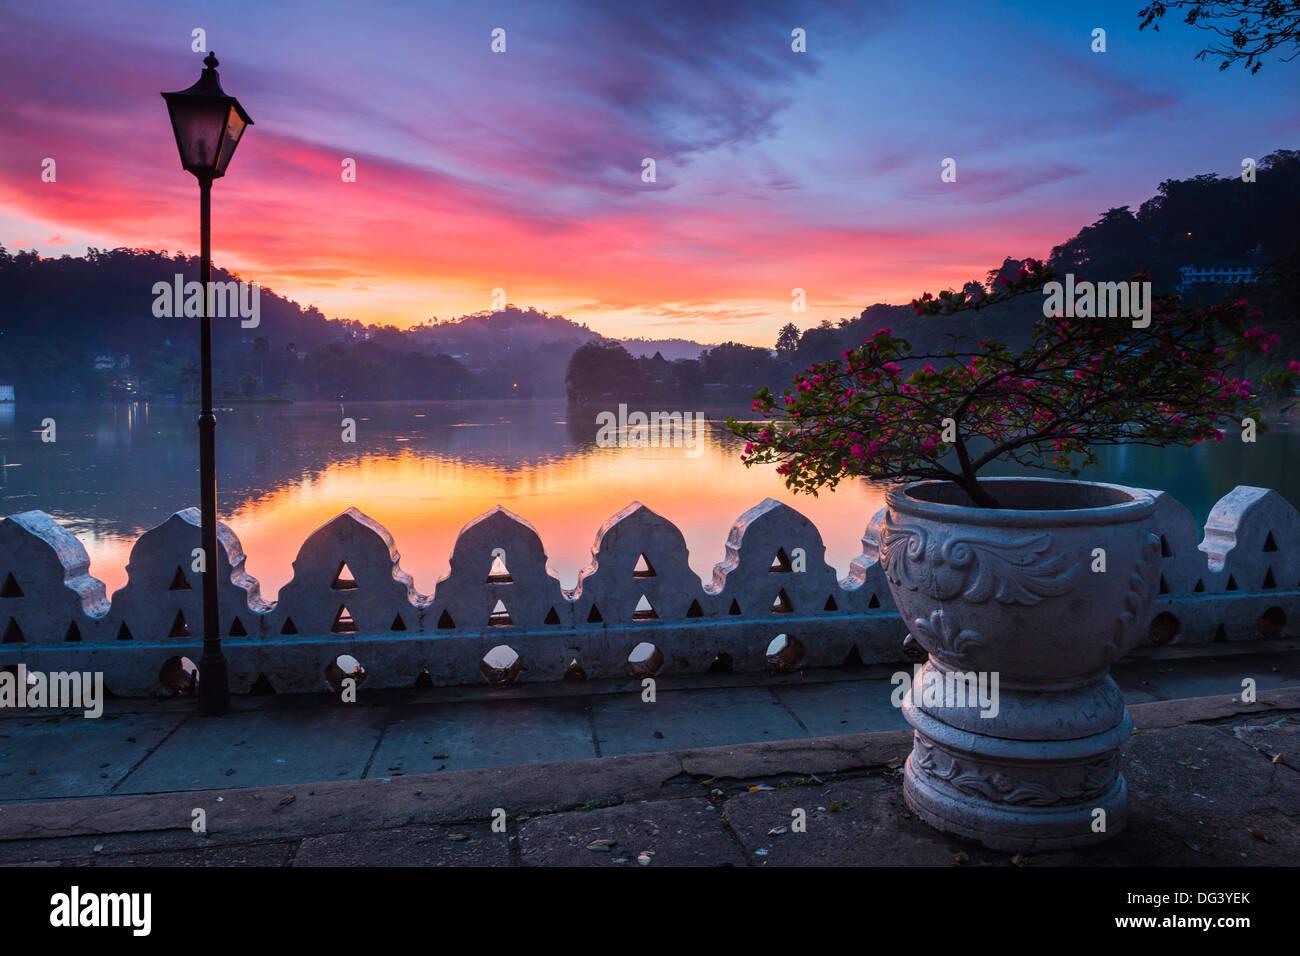 Lever de soleil spectaculaire sur le lac de Kandy et les nuages Wall (Mur) Walakulu, Kandy, Province du Centre, au Sri Lanka, en Asie Photo Stock